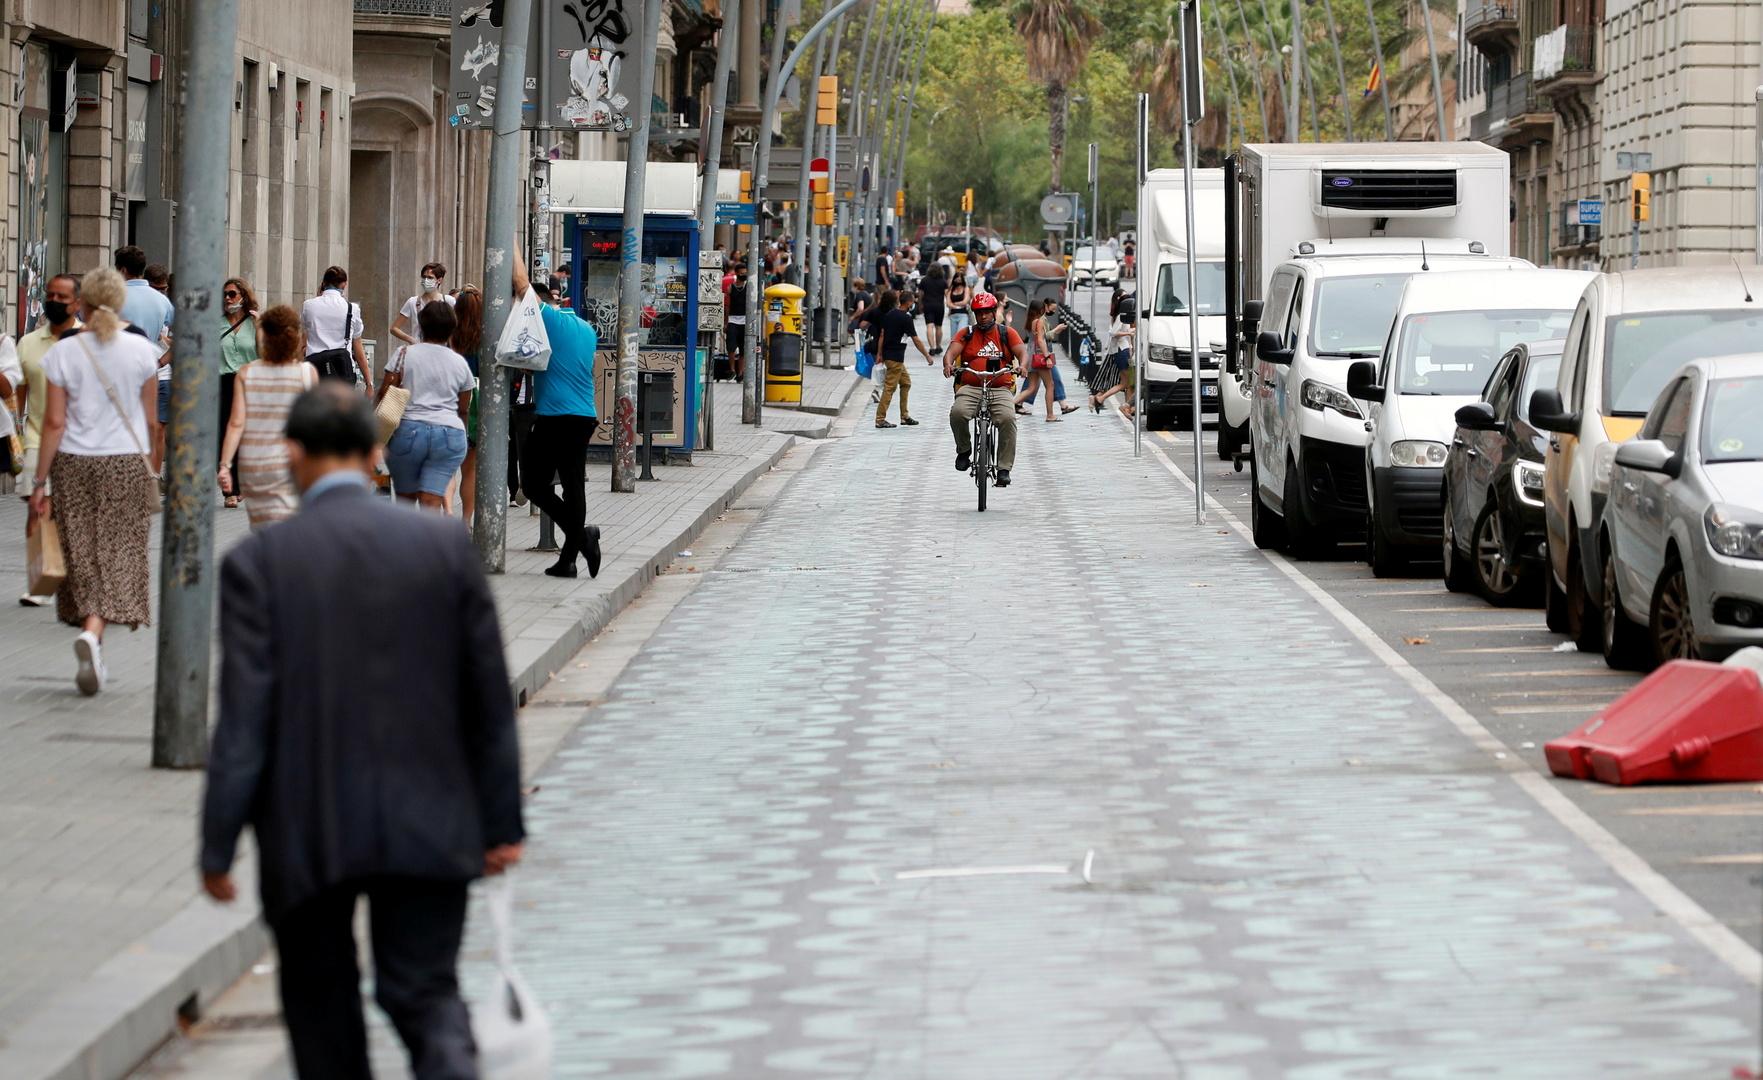 محكمة إسبانيا تأمر بإنهاء حظر التجول في برشلونة